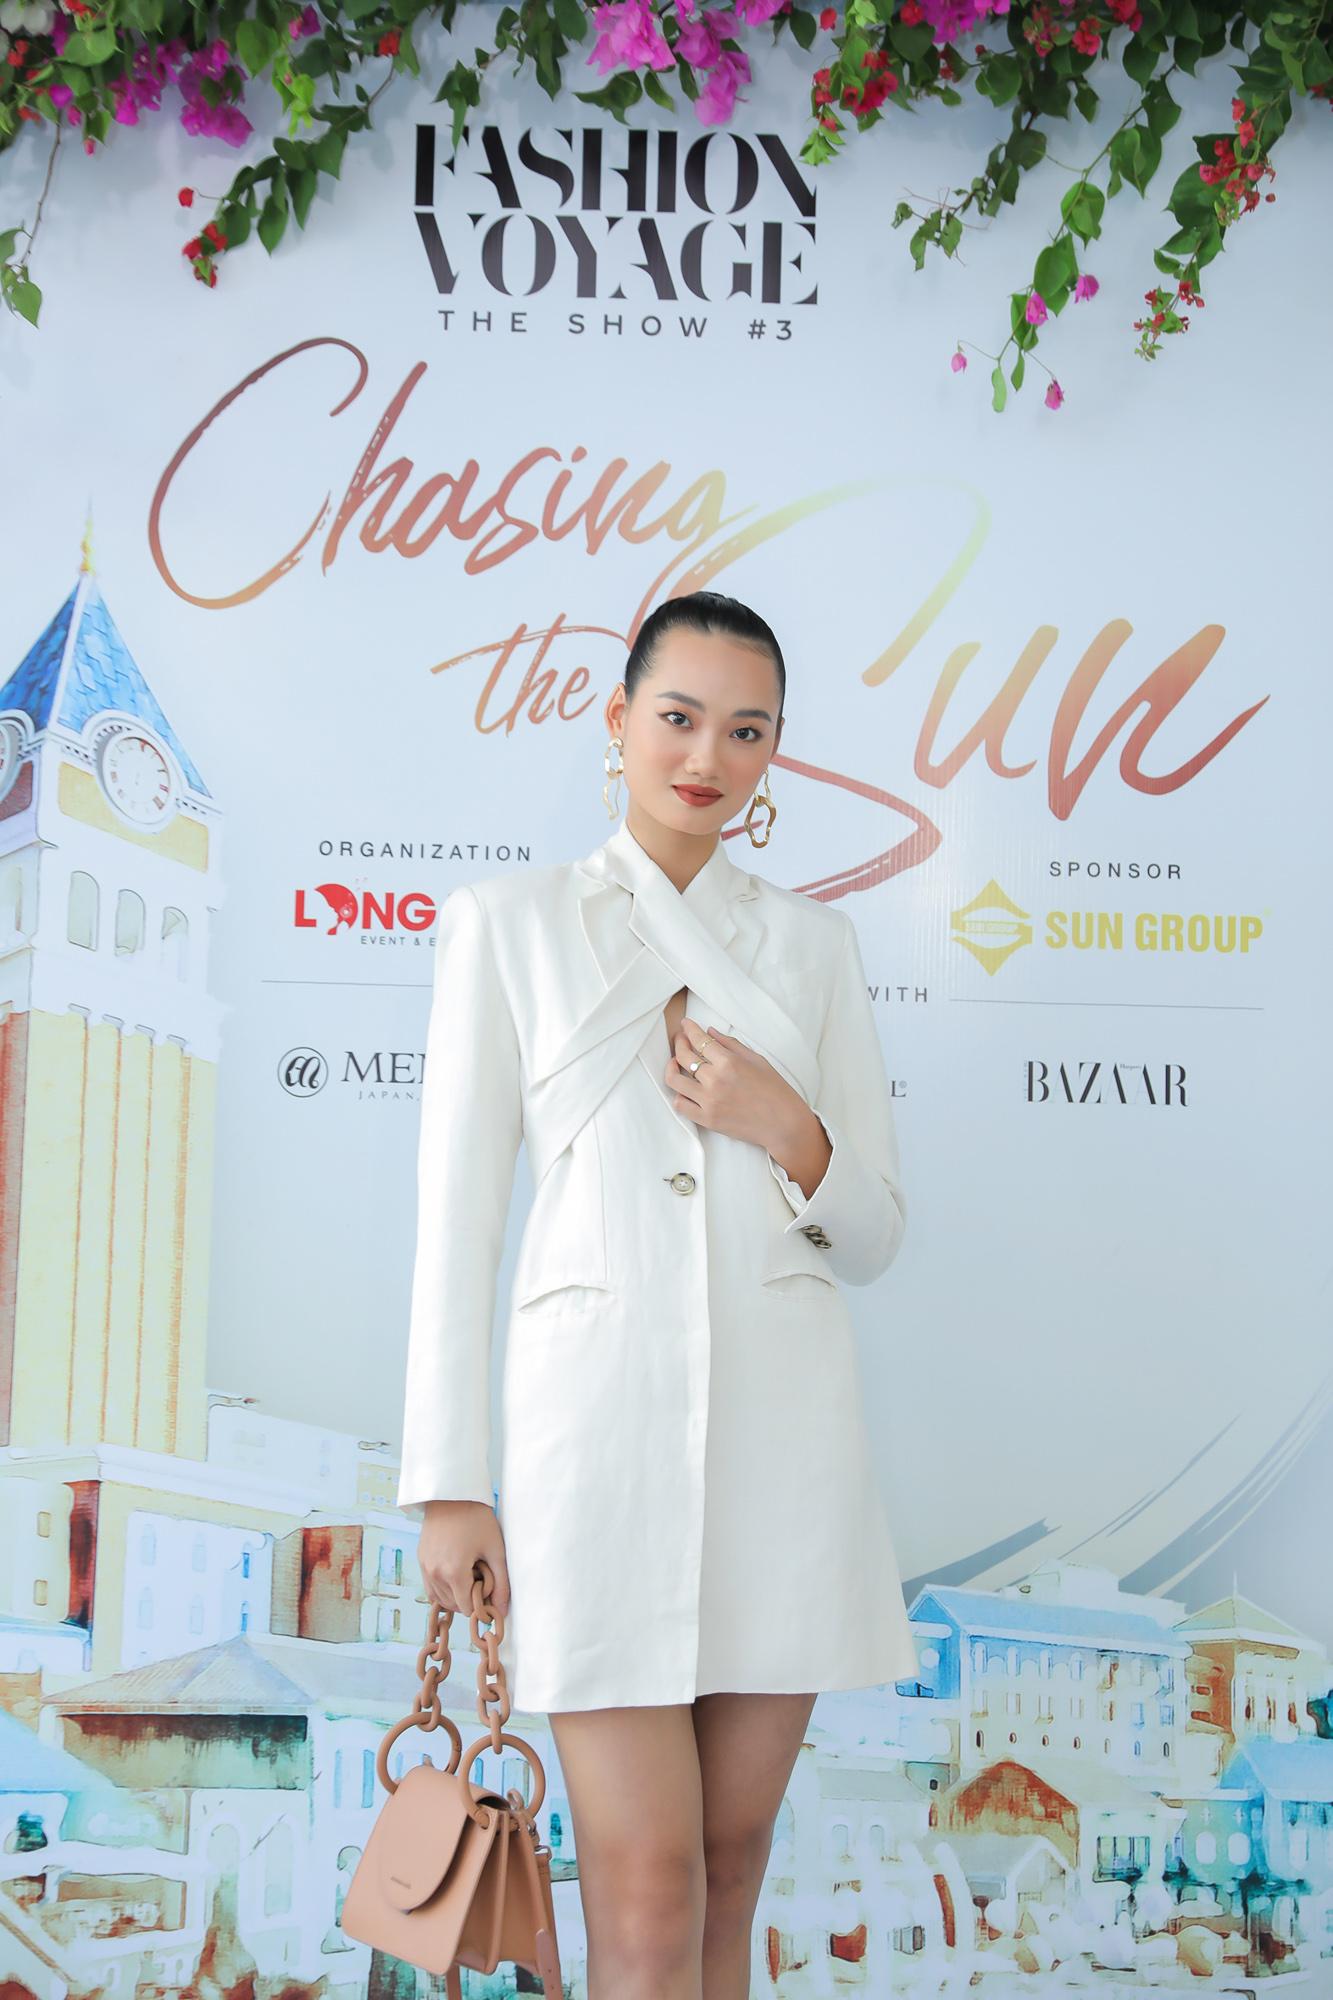 Mix & Phối - Thanh Hằng diện cả cây đồ hiệu, khoe kiểu tóc mới lạ mắt đi dự họp báo thời trang  - chanvaydep.net 4